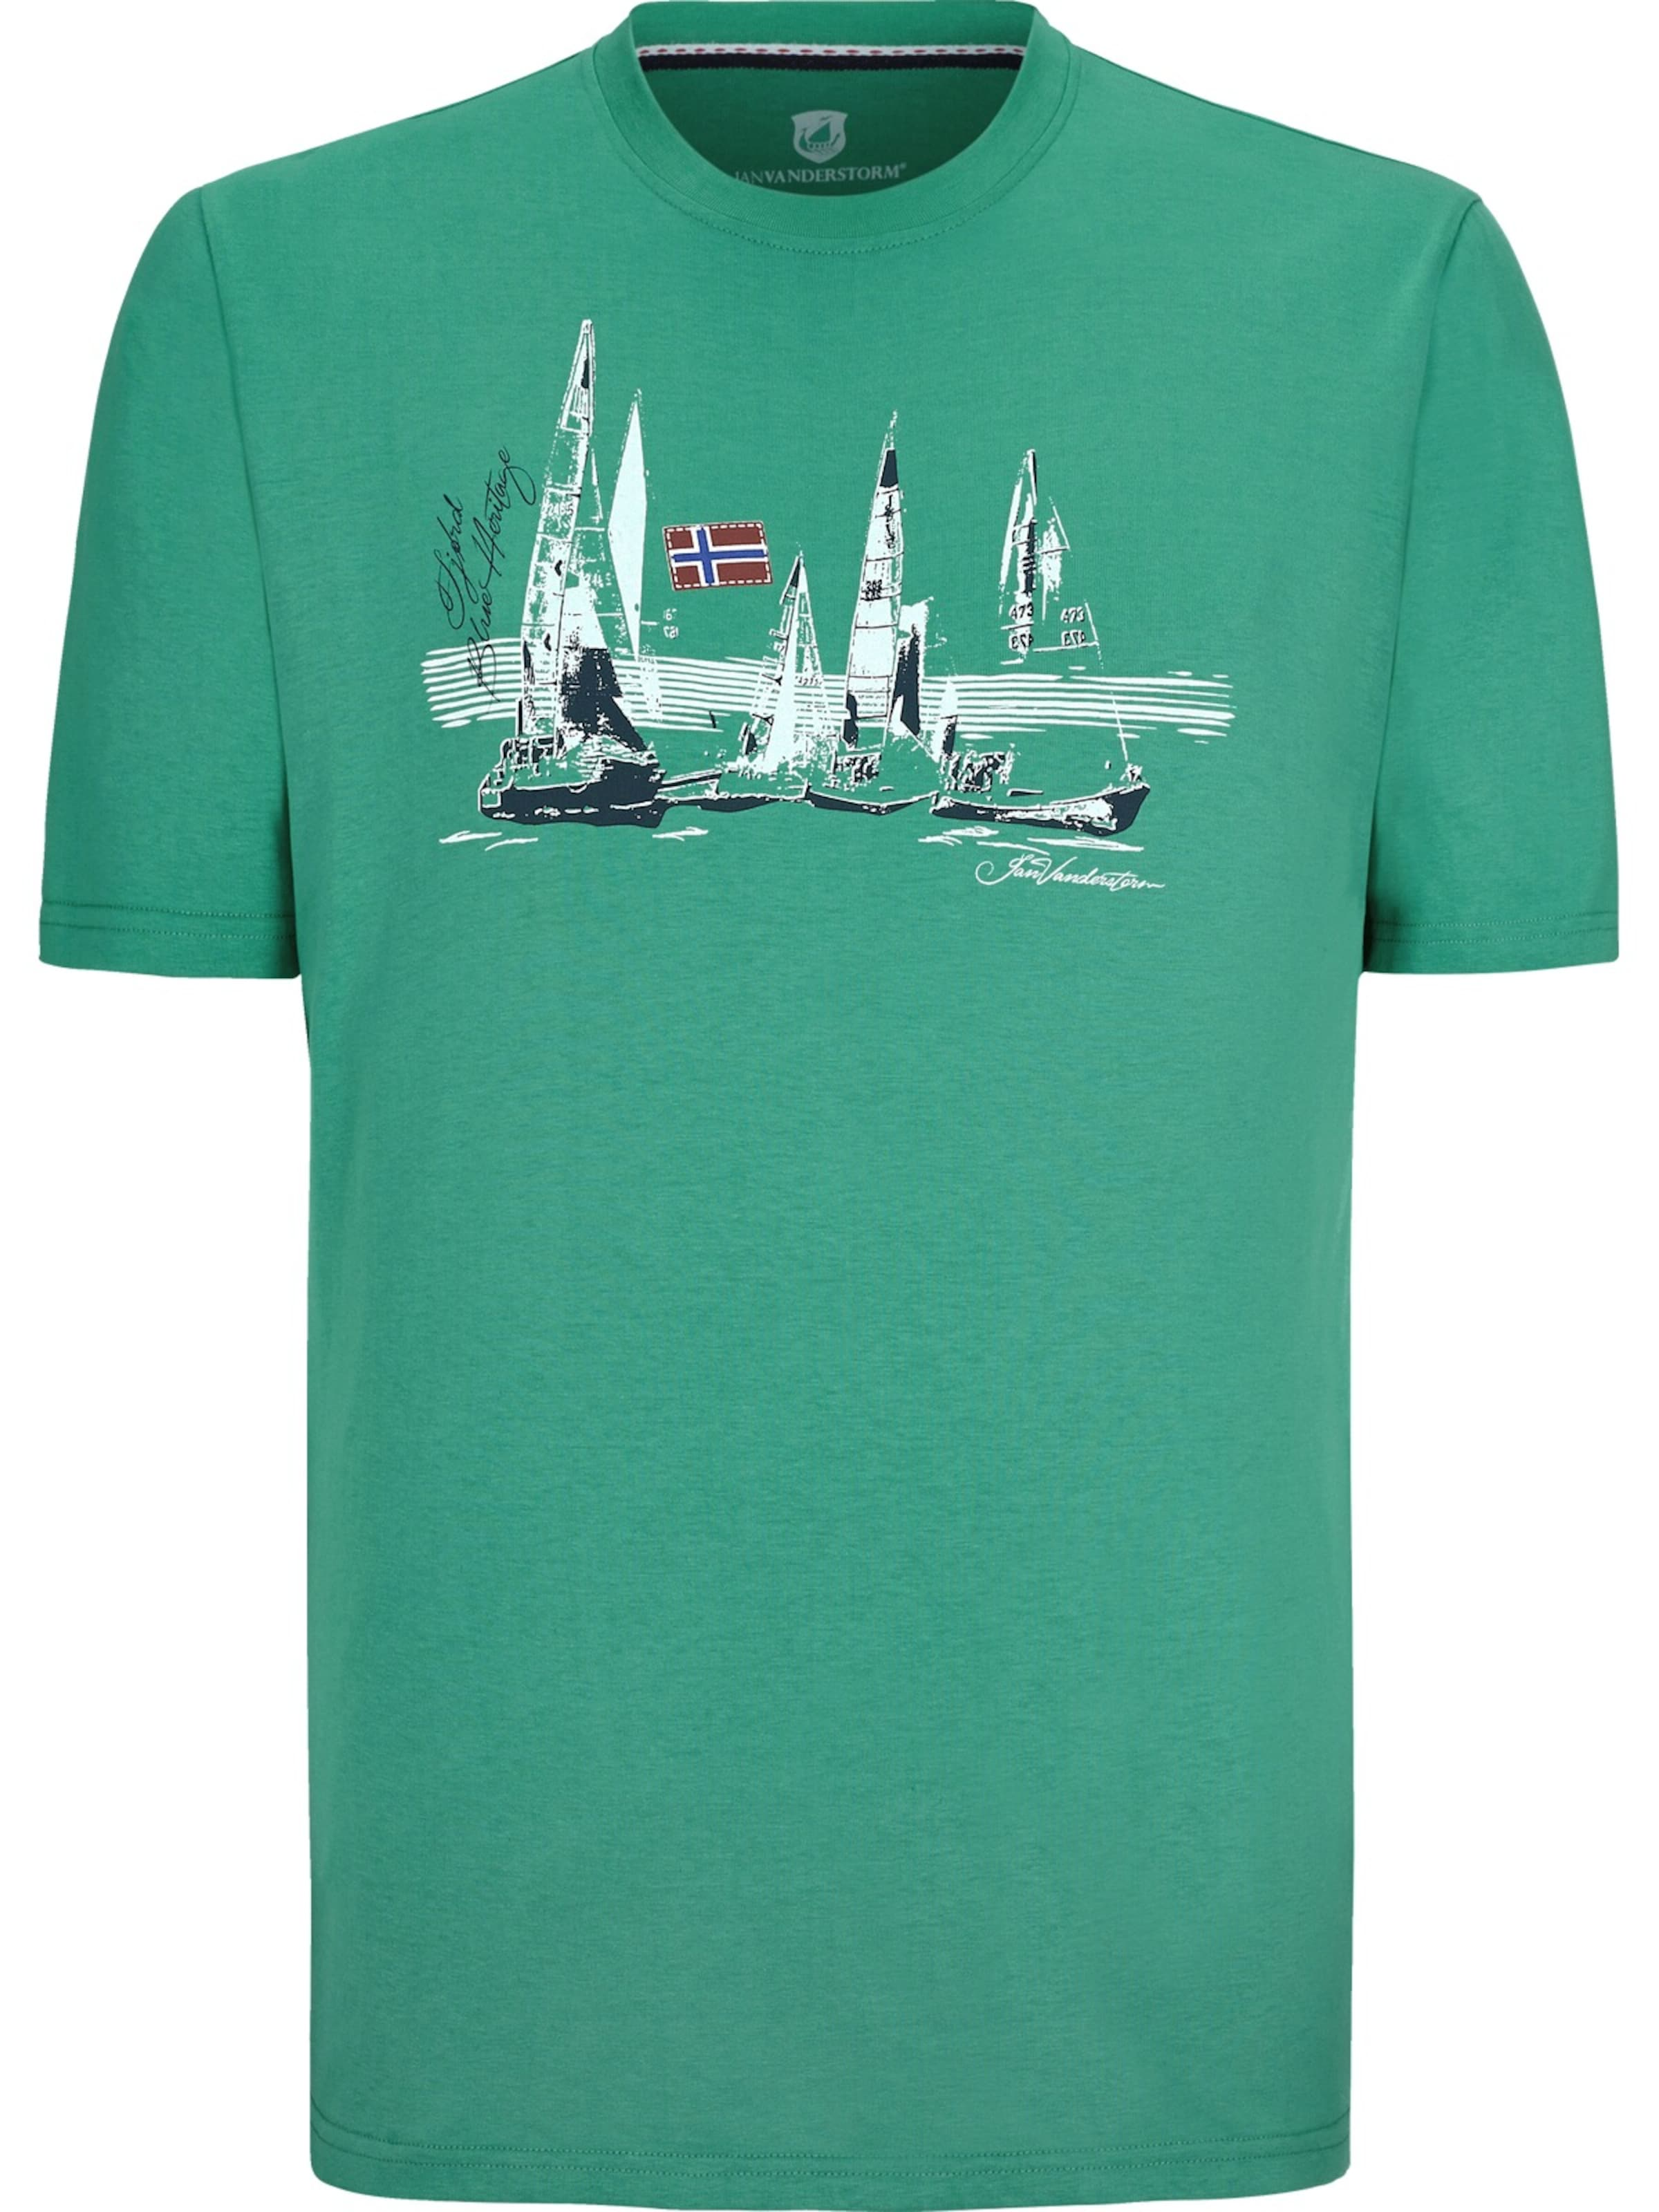 T Grün In Wendelmar ' shirt Jan Vanderstorm edxBoCr